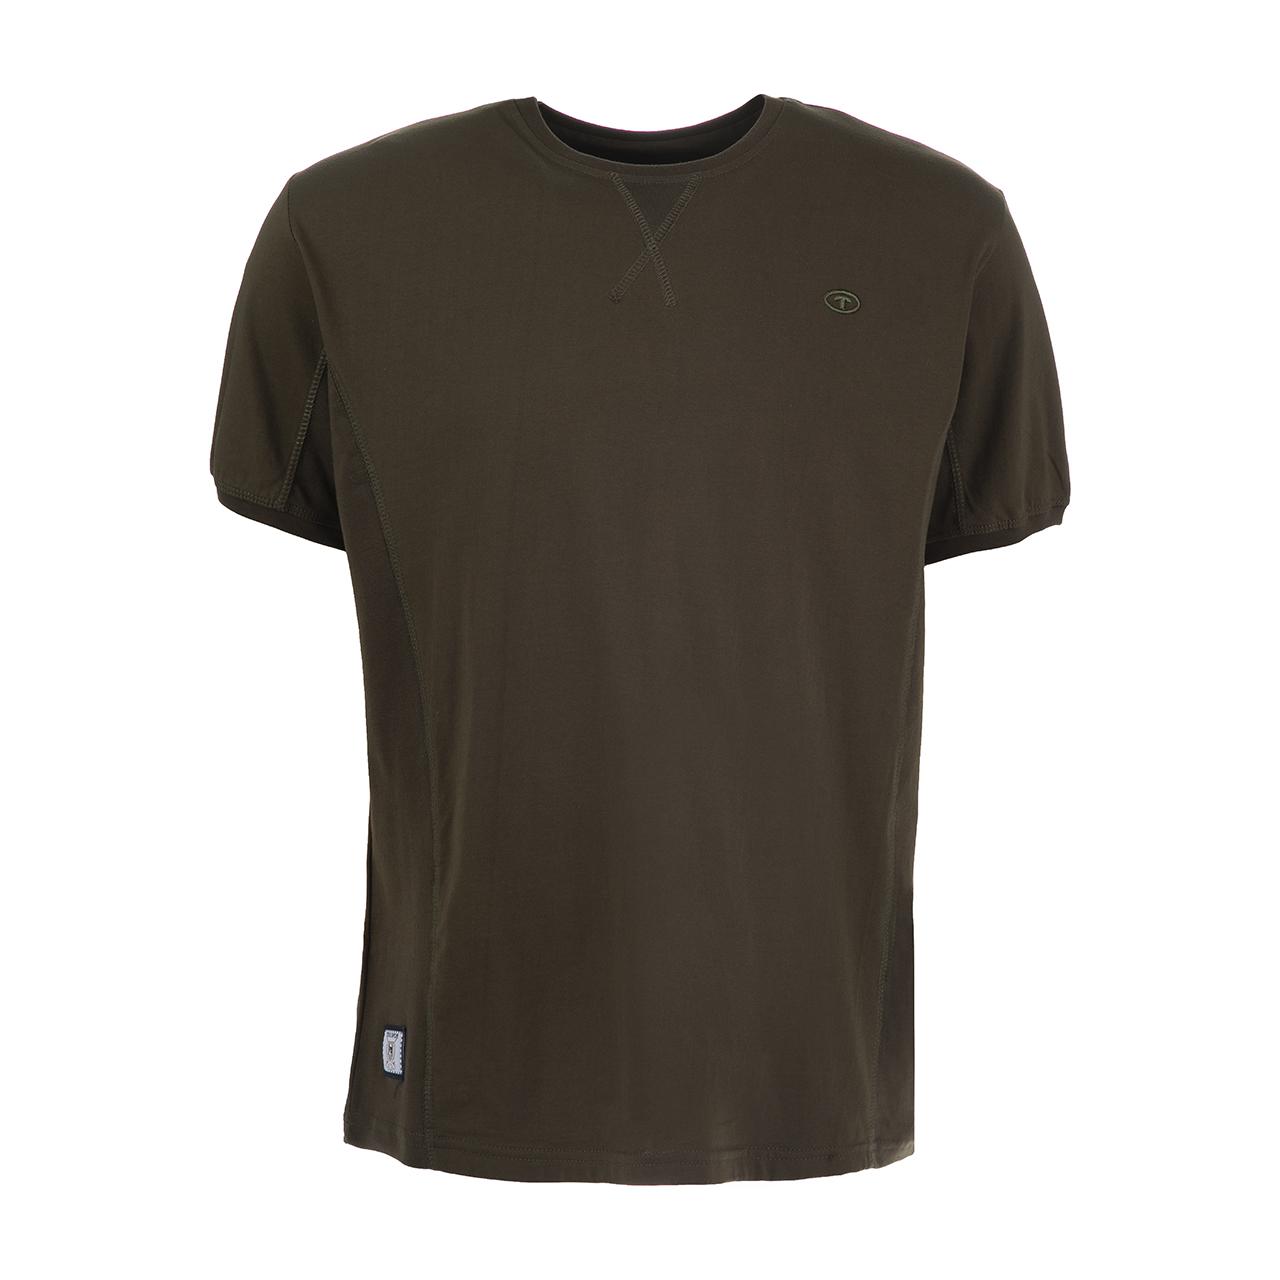 تی شرت مردانه تارکان کد 280-3